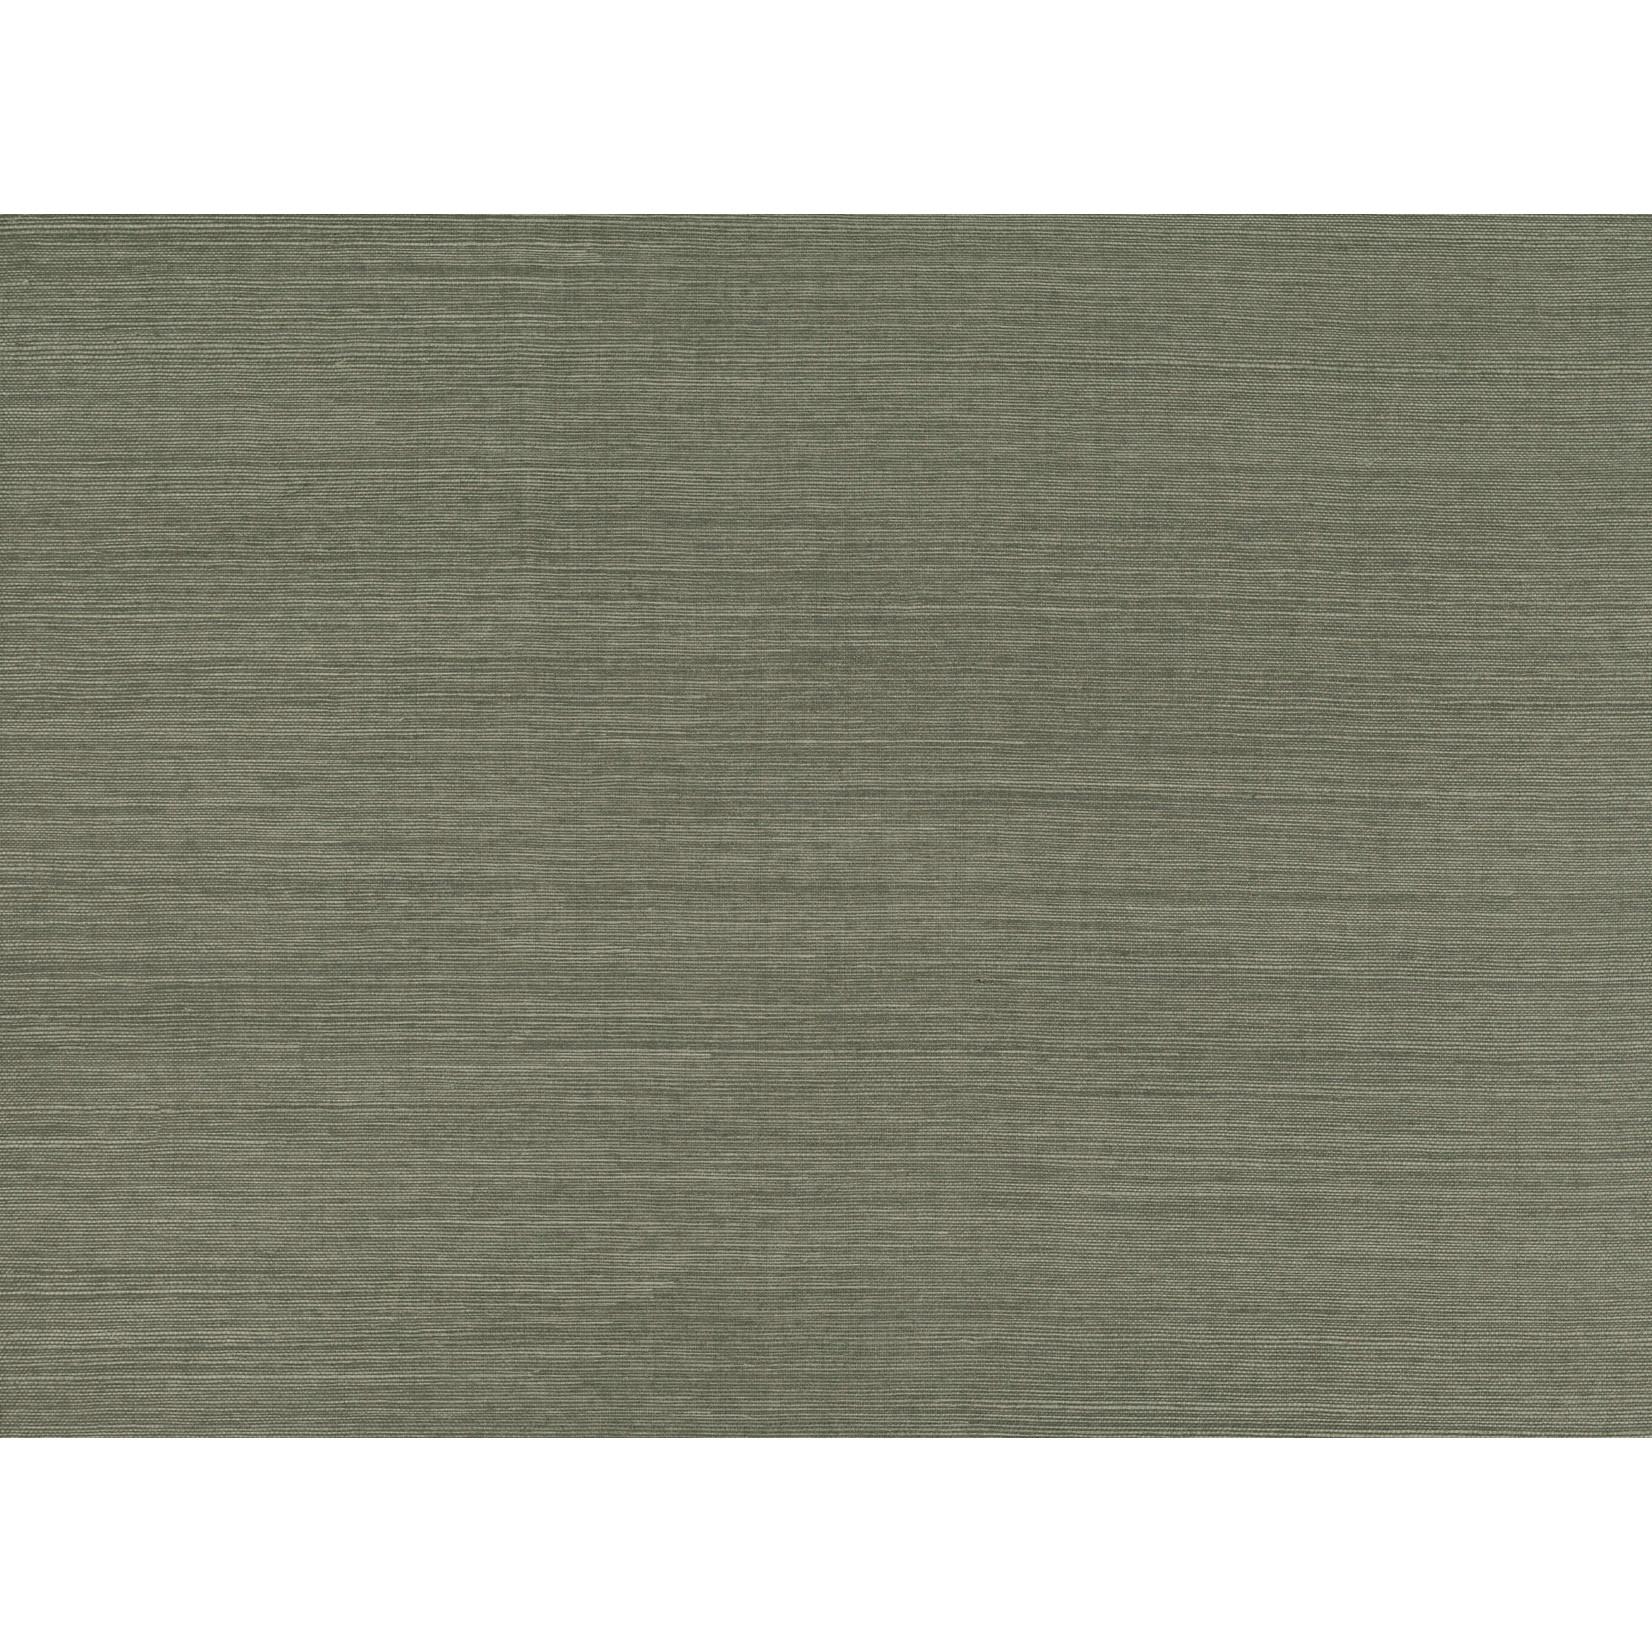 Mark Alexander Grasscloth Handwoven Wallcoverings | Sisal Chestnut